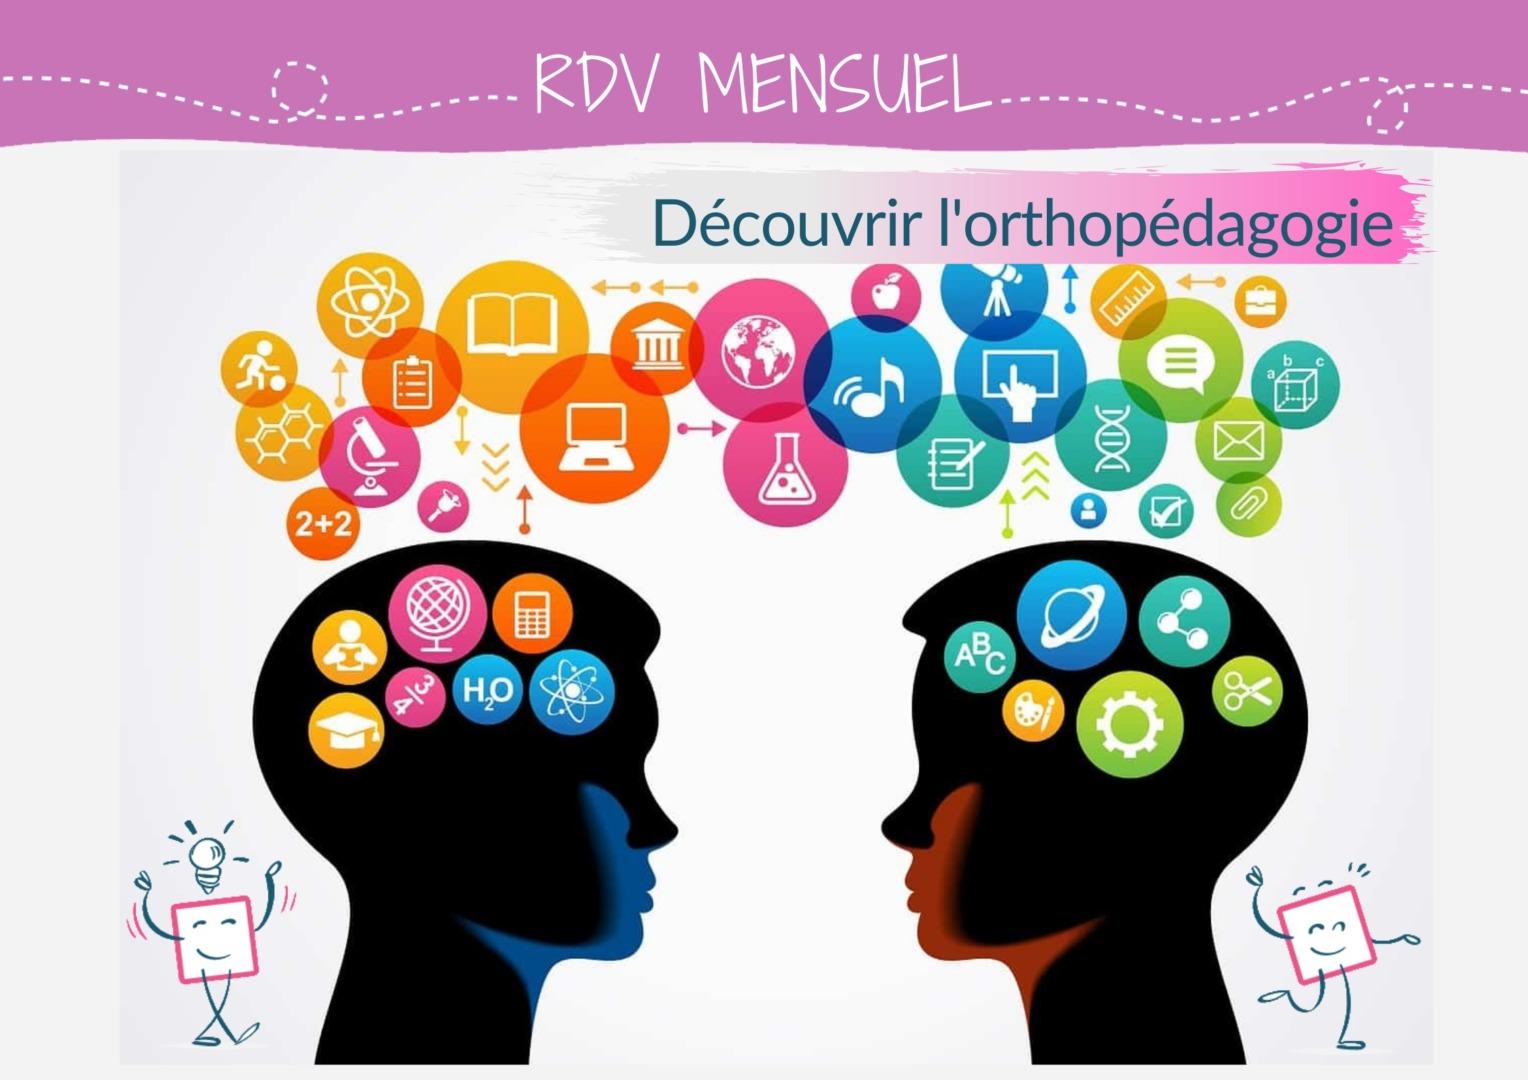 RDV Mensuel | Découvrir l'orthopédagogie